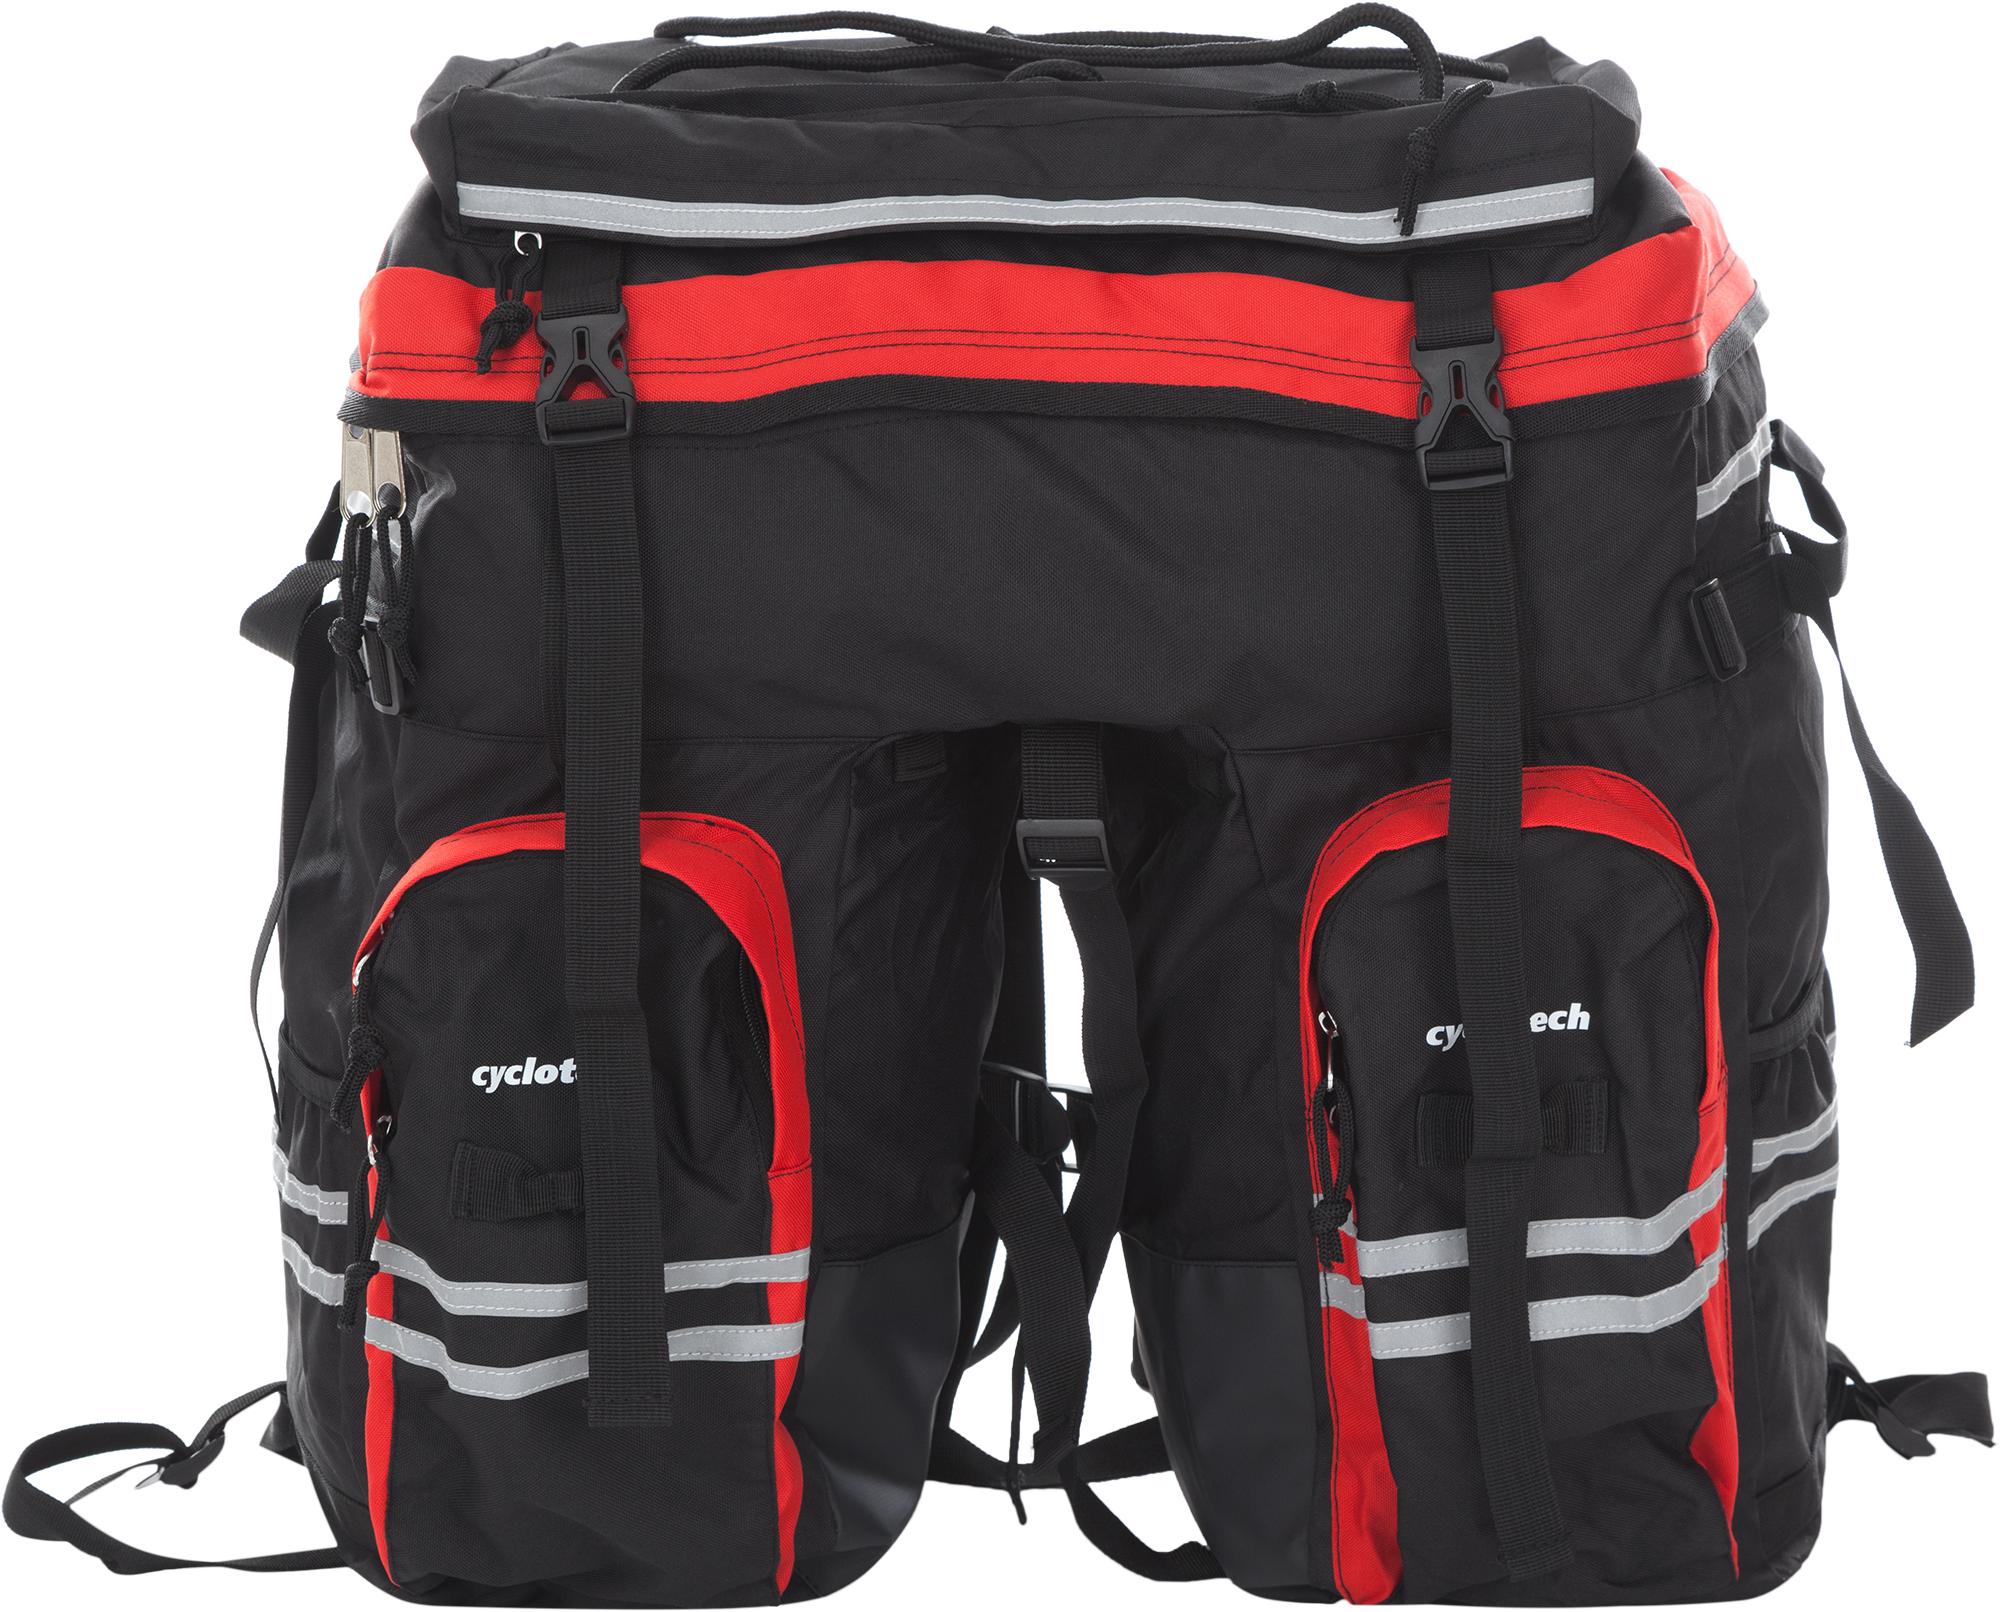 Cyclotech Велосипедная сумка Cyclotech, размер Без размера